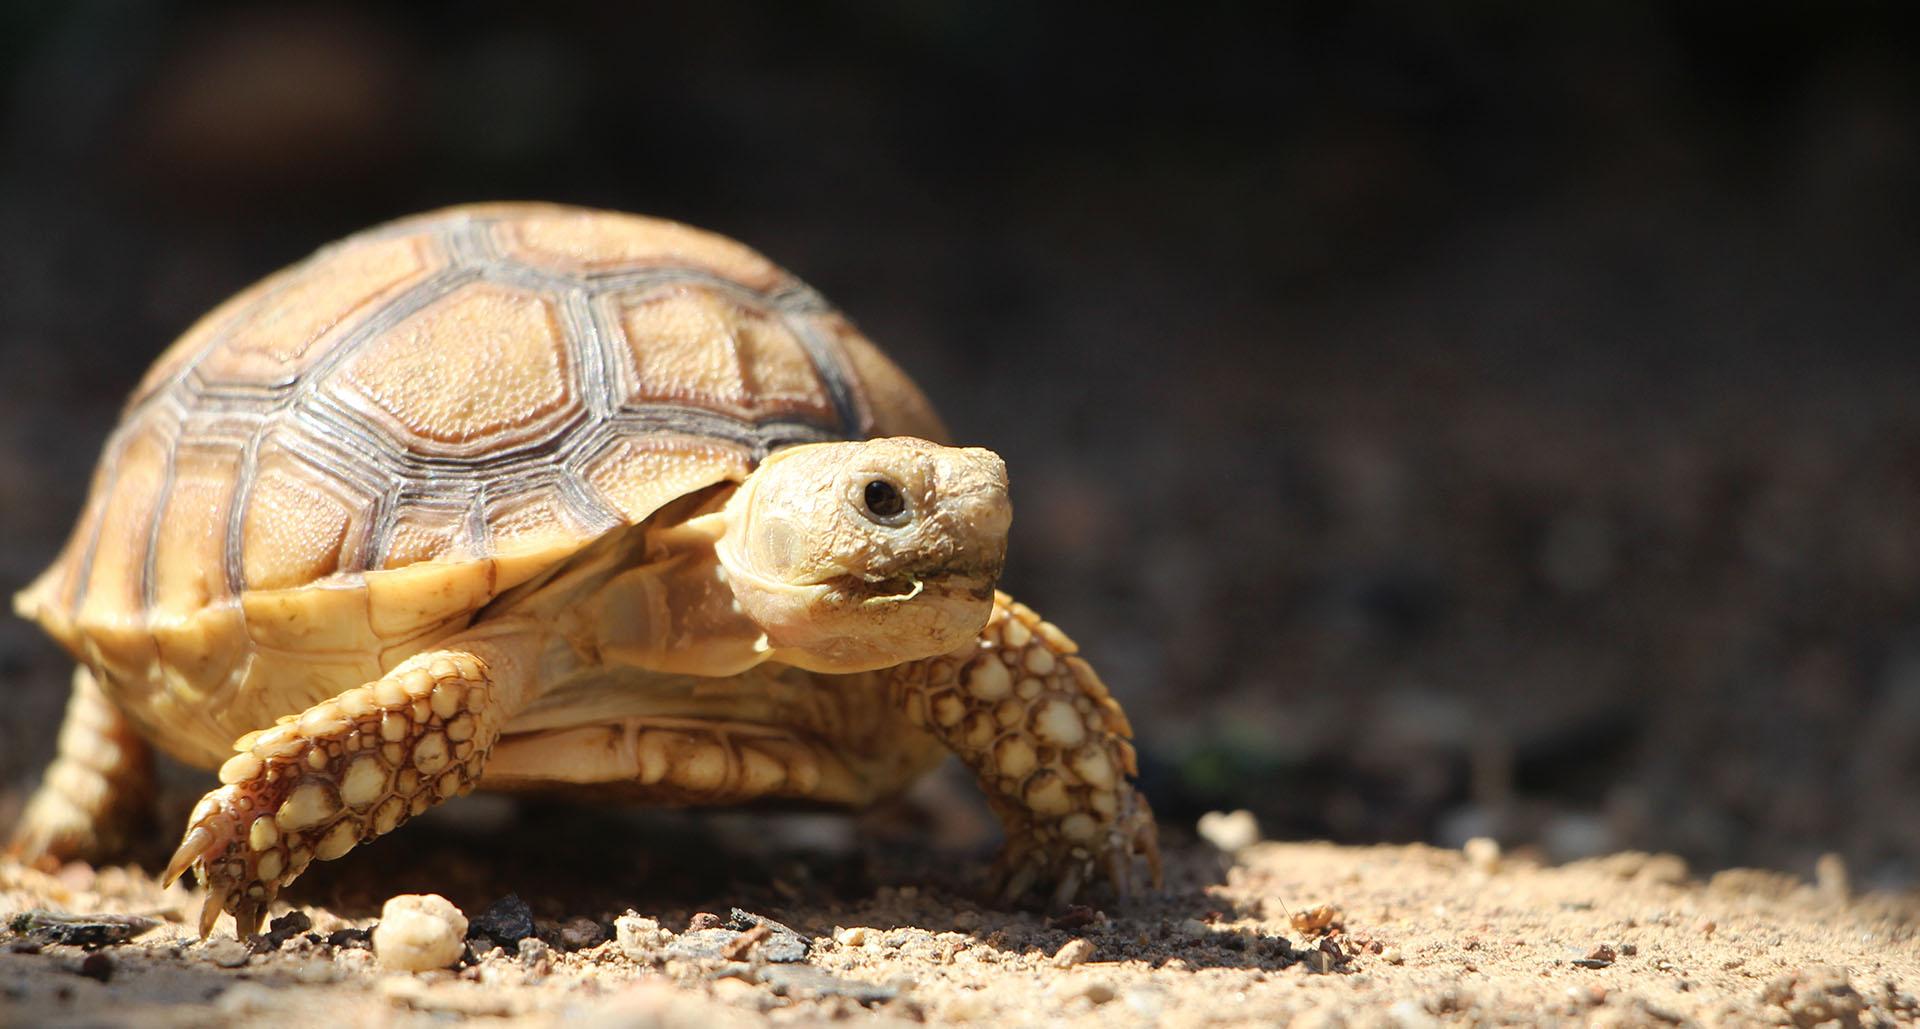 Basic Husbandry for Tortoises